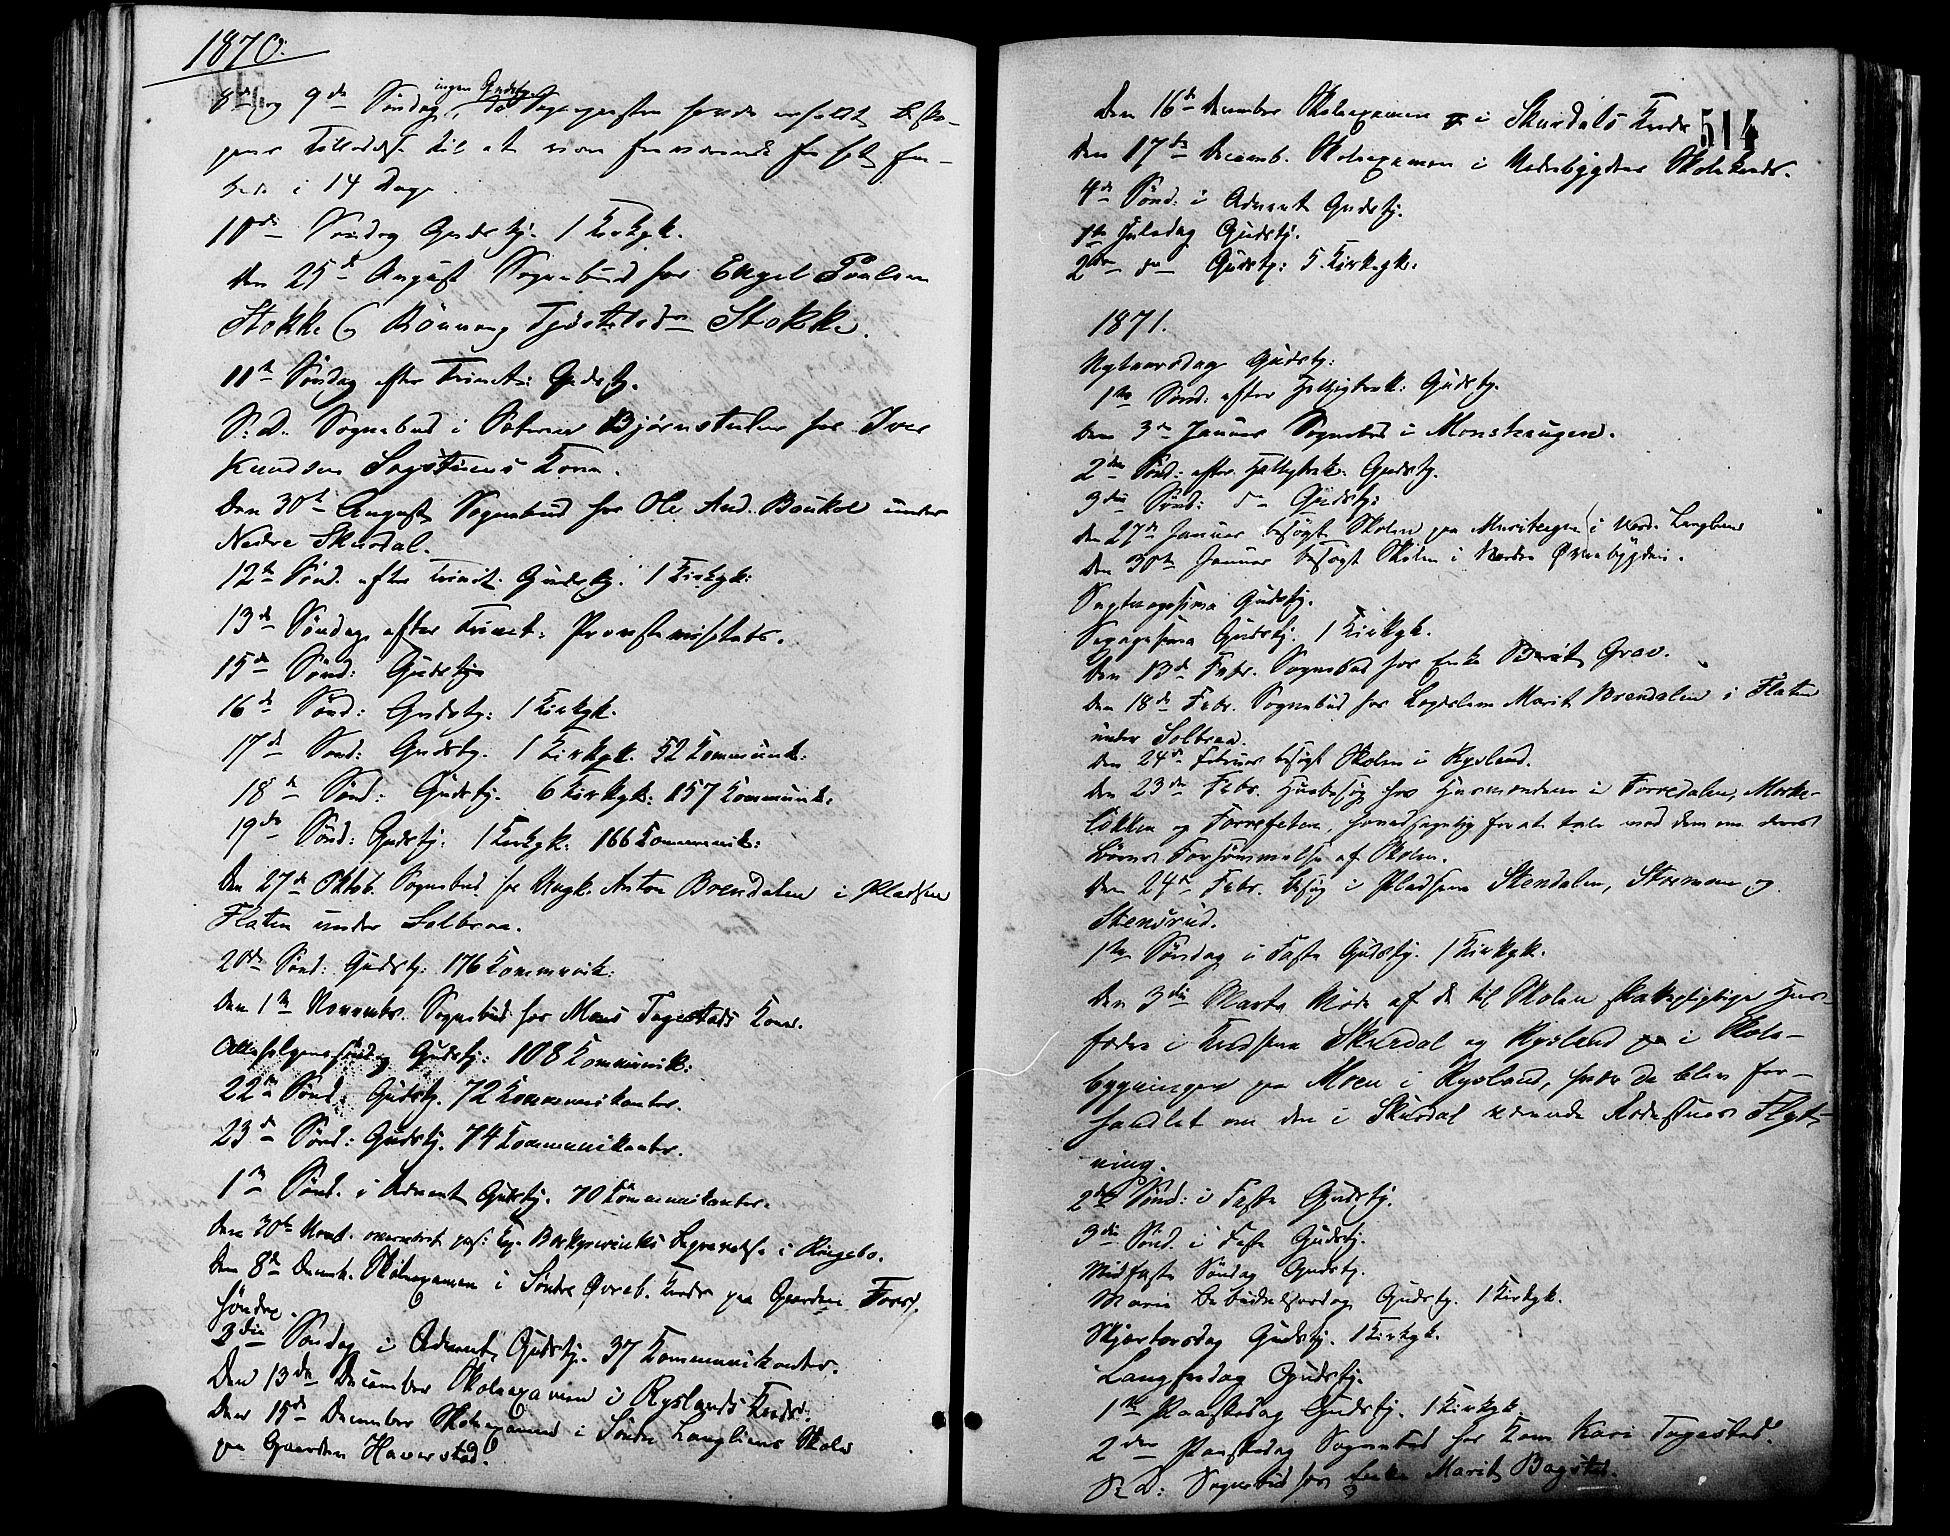 SAH, Sør-Fron prestekontor, H/Ha/Haa/L0002: Ministerialbok nr. 2, 1864-1880, s. 514